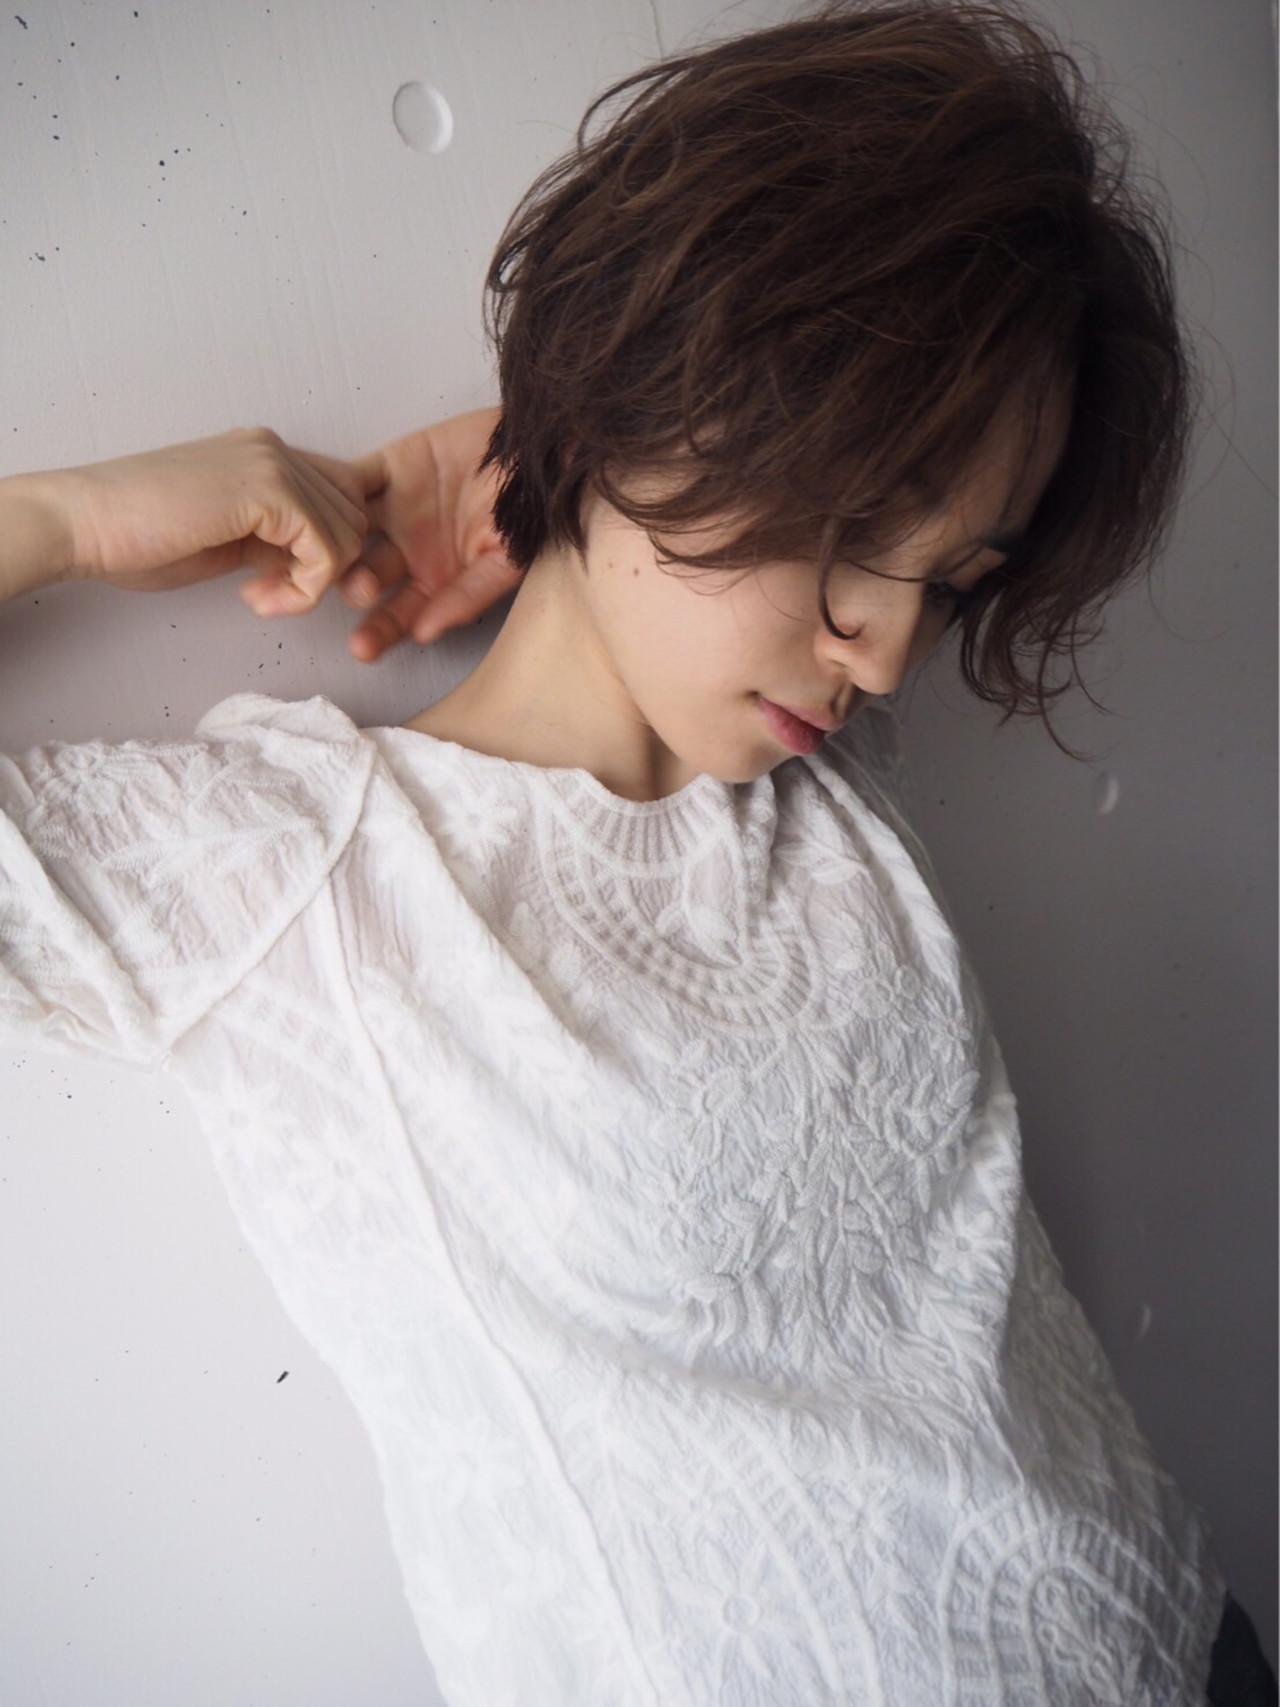 ショートヘアパーマの種類を徹底調査♡スタイルに悩んでいる人必見です! 菅沼宏恵